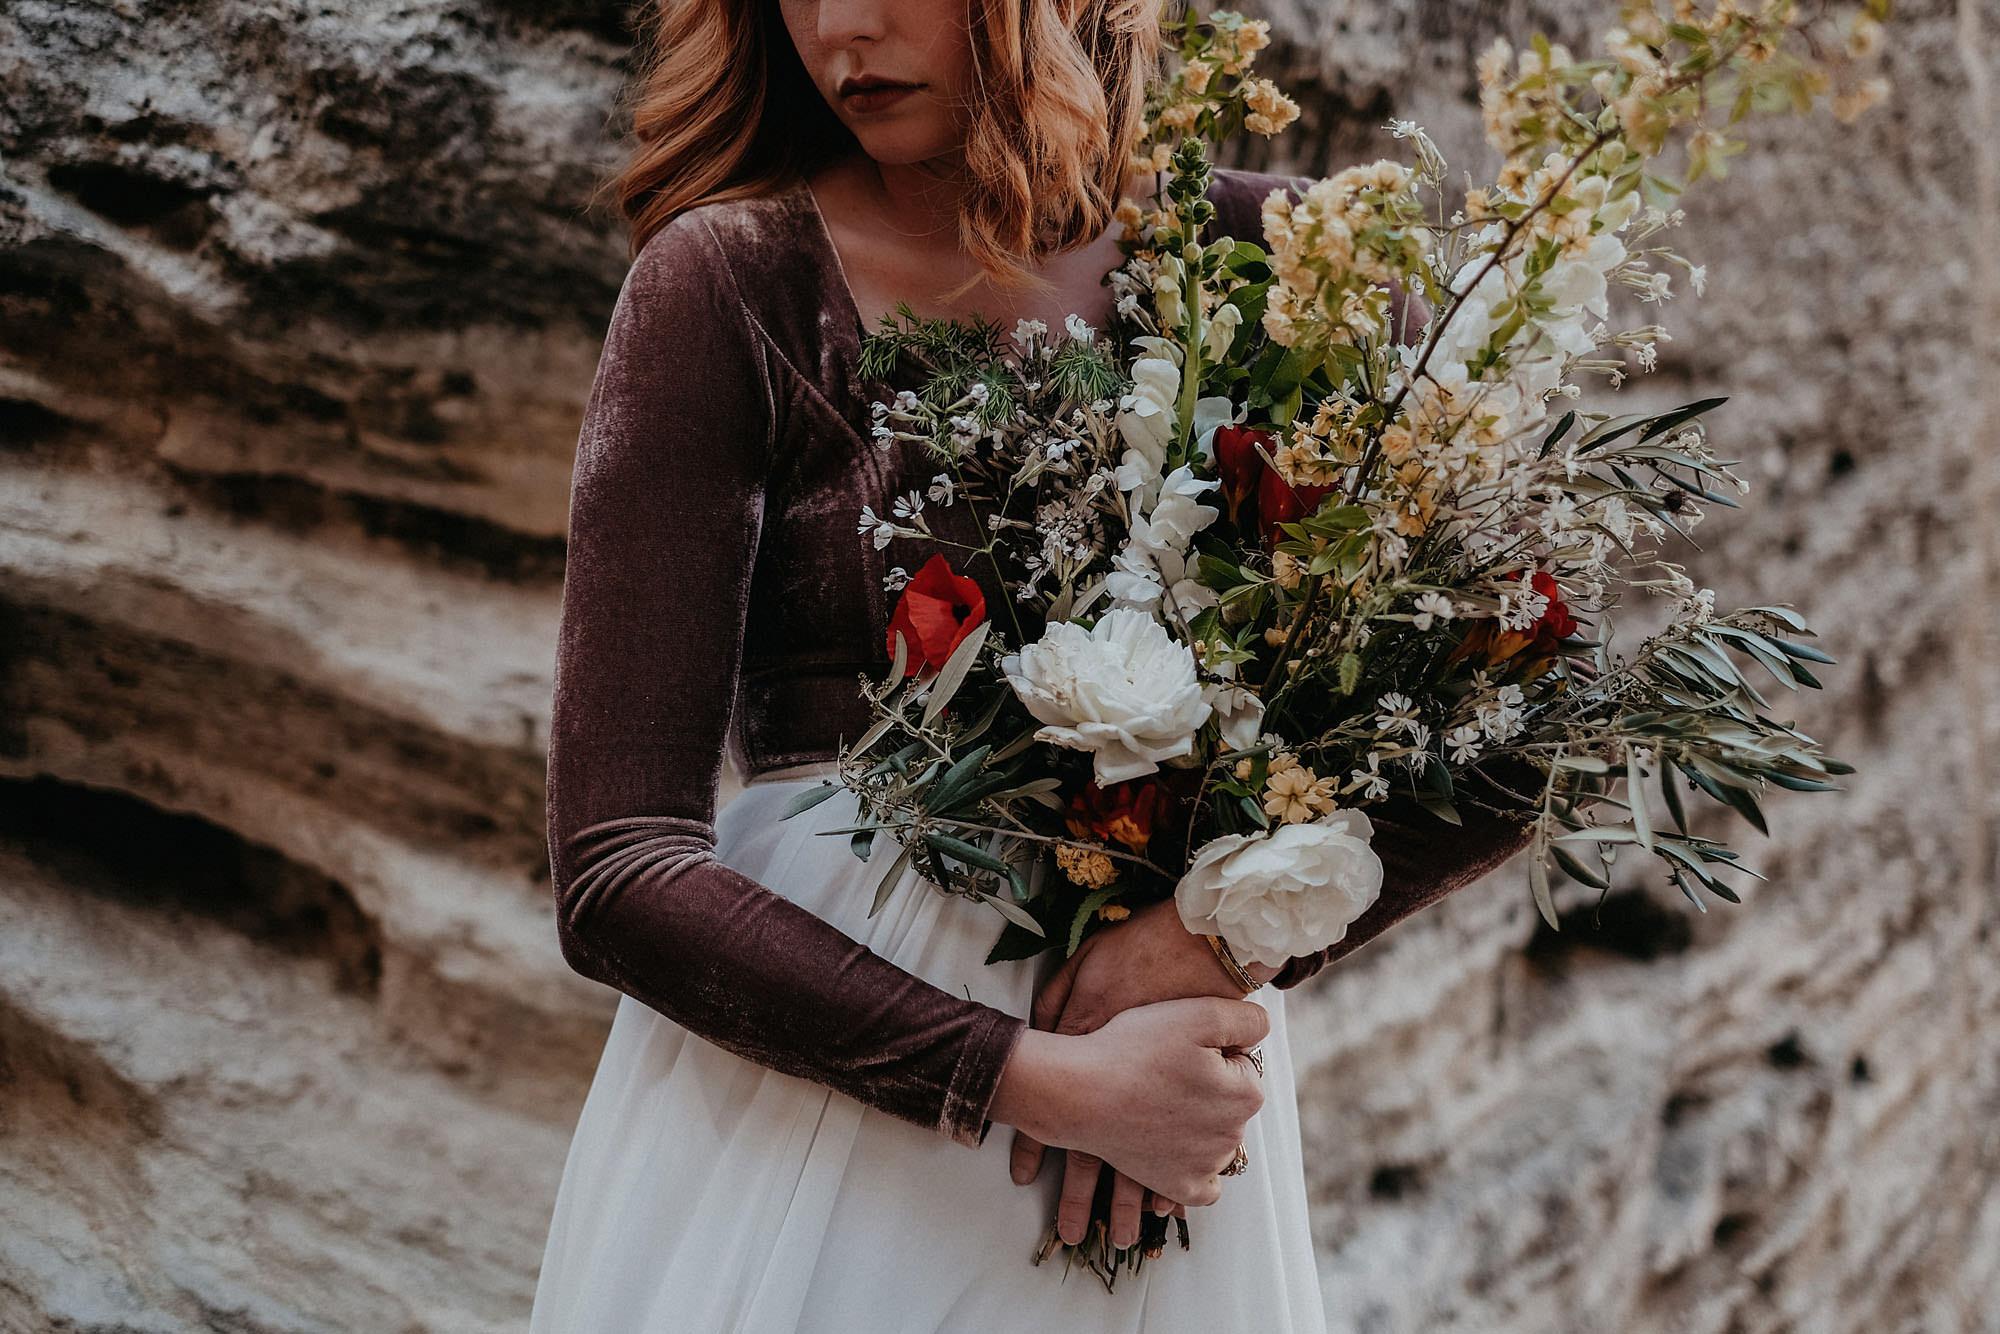 goult provence france elopement vow renewal bride holding bouquet photo